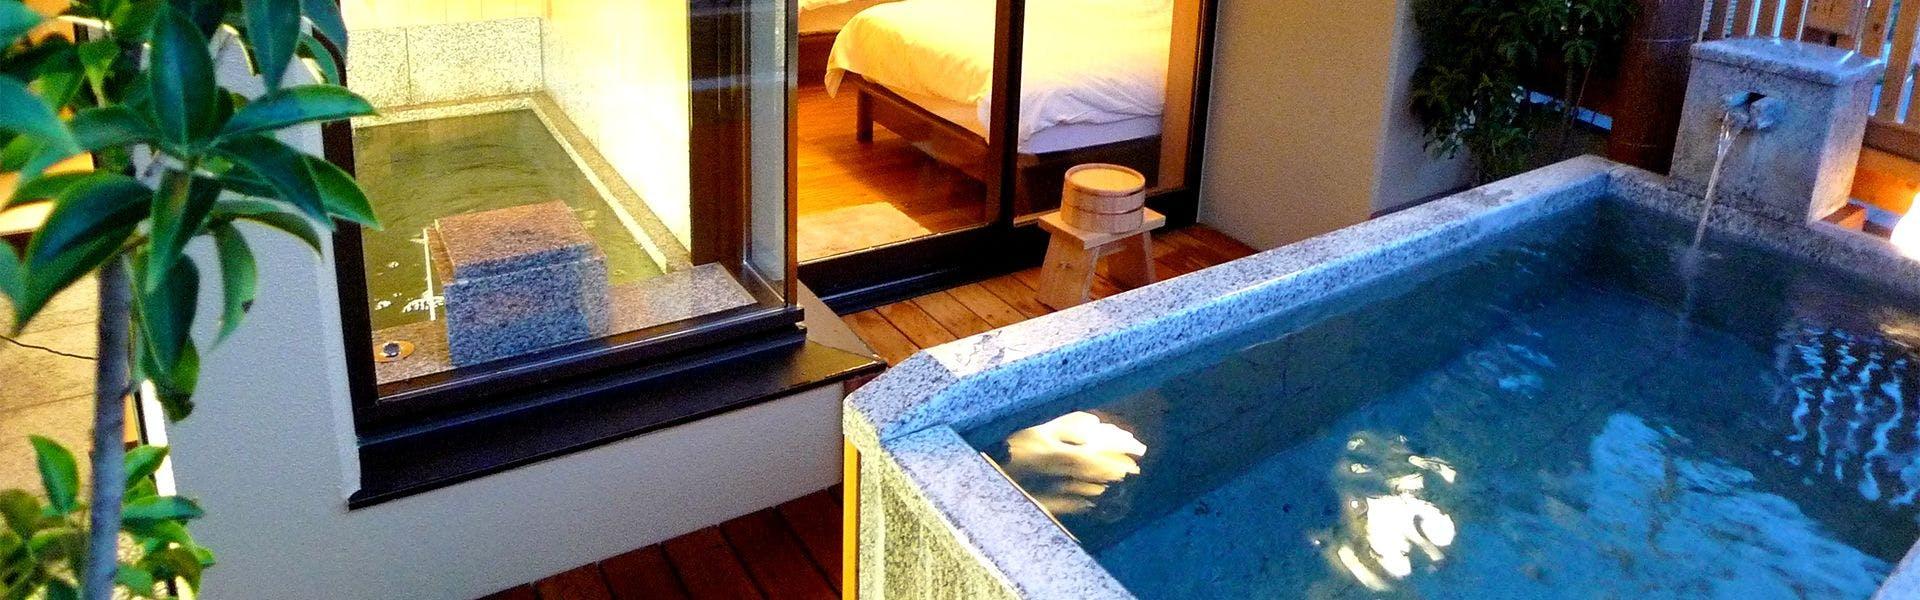 記念日におすすめのホテル・懐石宿 水鳳園の写真3